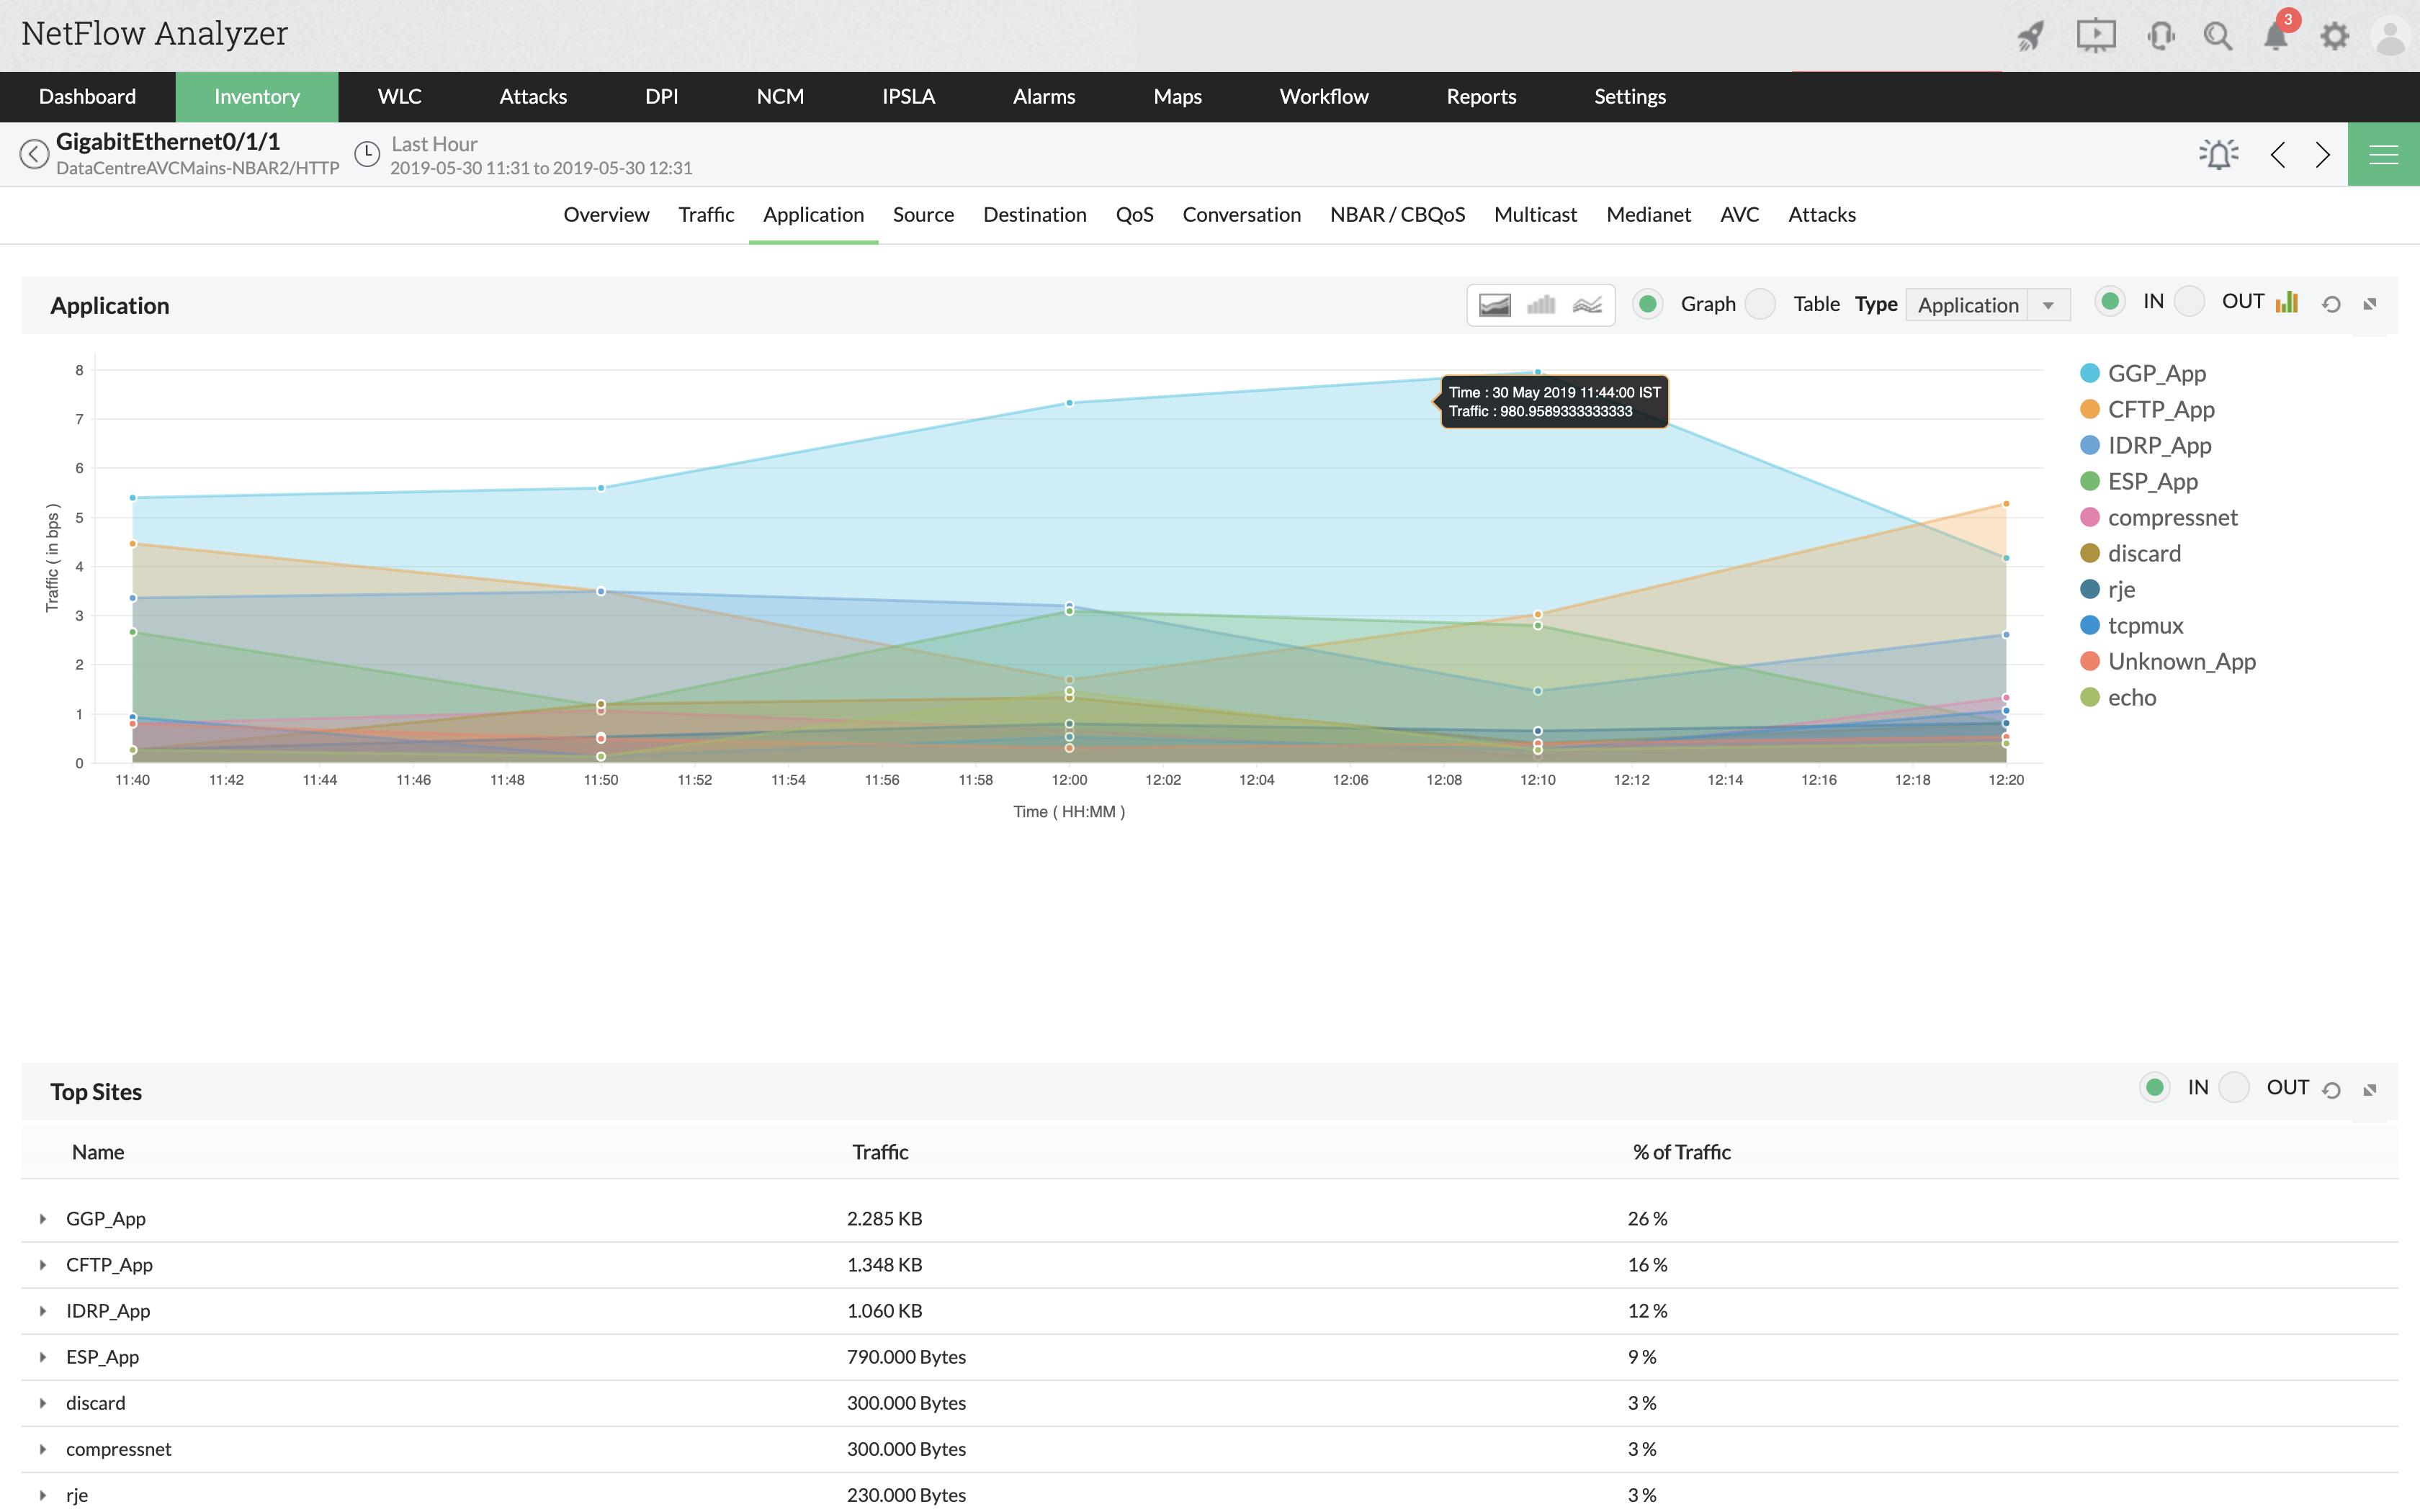 Xem các ứng dụng nào được sử dụng nhiều nhất trong mục Inventory. Phân tích sâu hơn trong trang Application và xem phần Top Sites